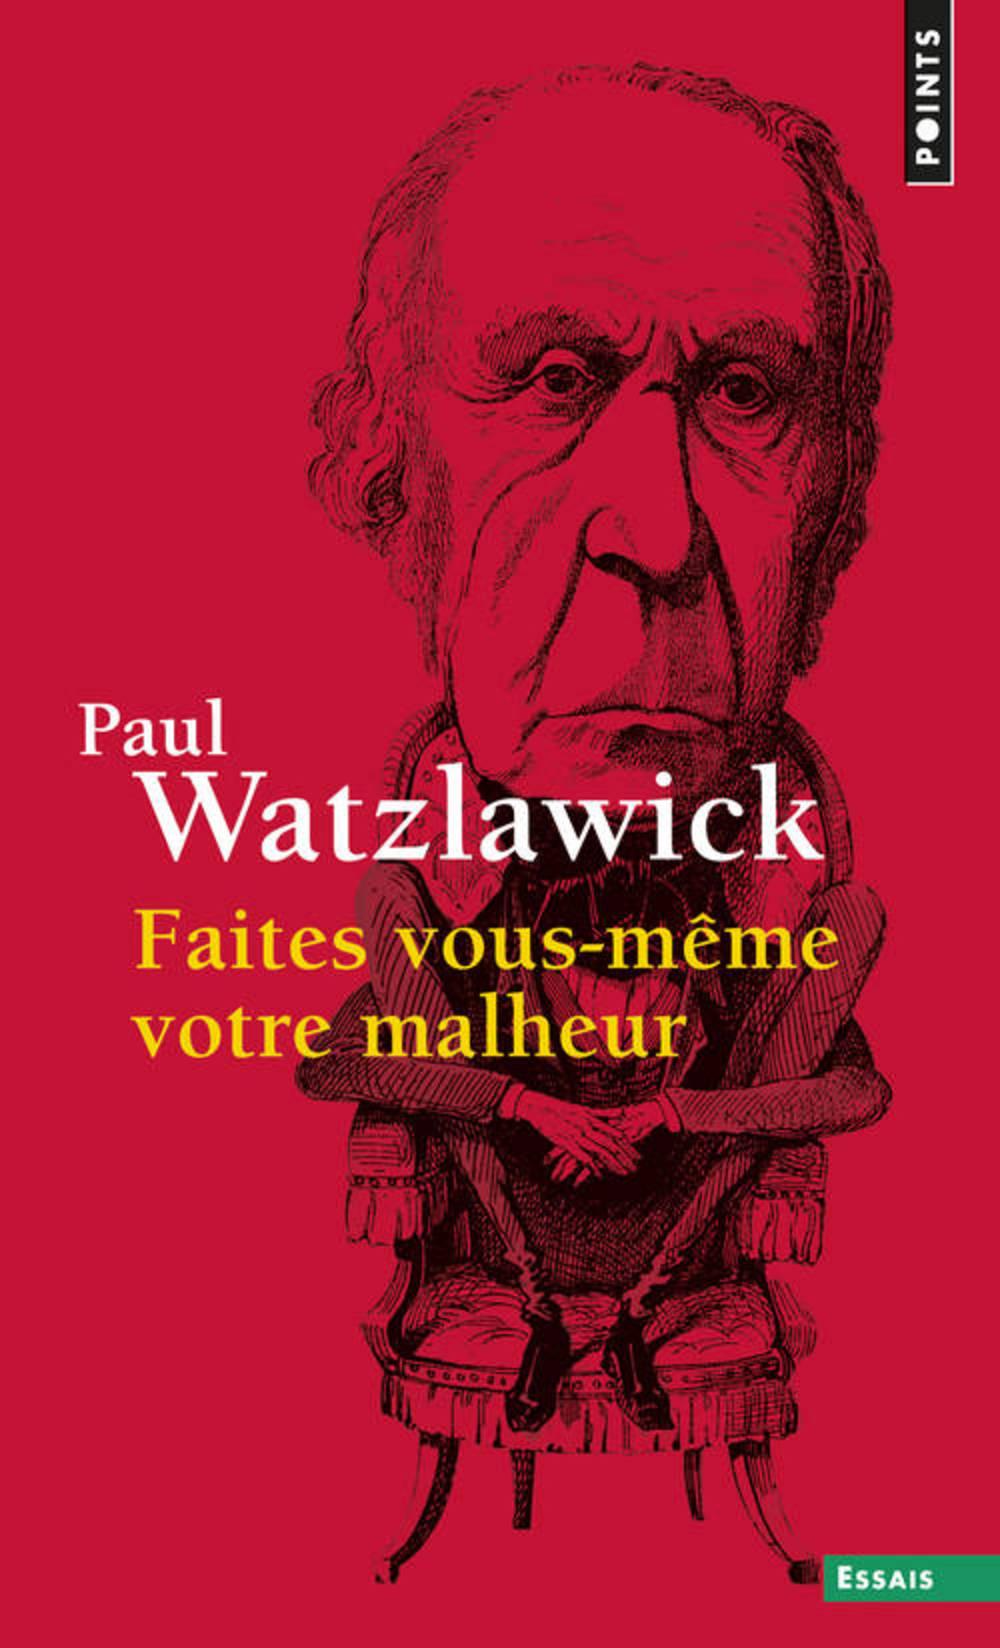 Faites vous m me votre malheur par paul watzlawick - Faites le vous meme deco ...